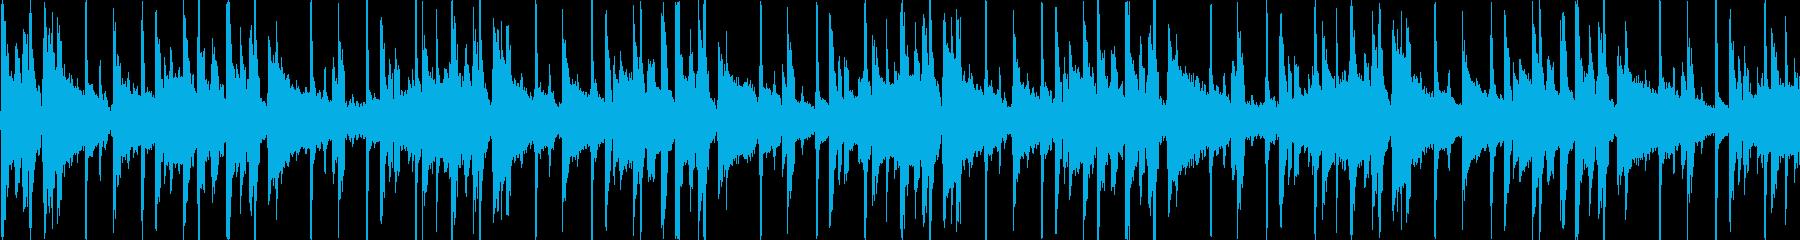 ヒップホップを感じる楽曲です。の再生済みの波形